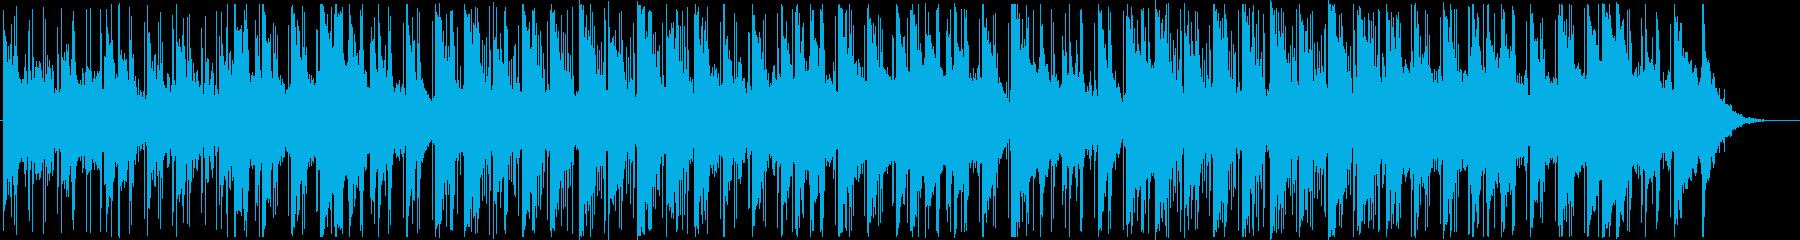 レトロで落ち着いたチルビートの再生済みの波形